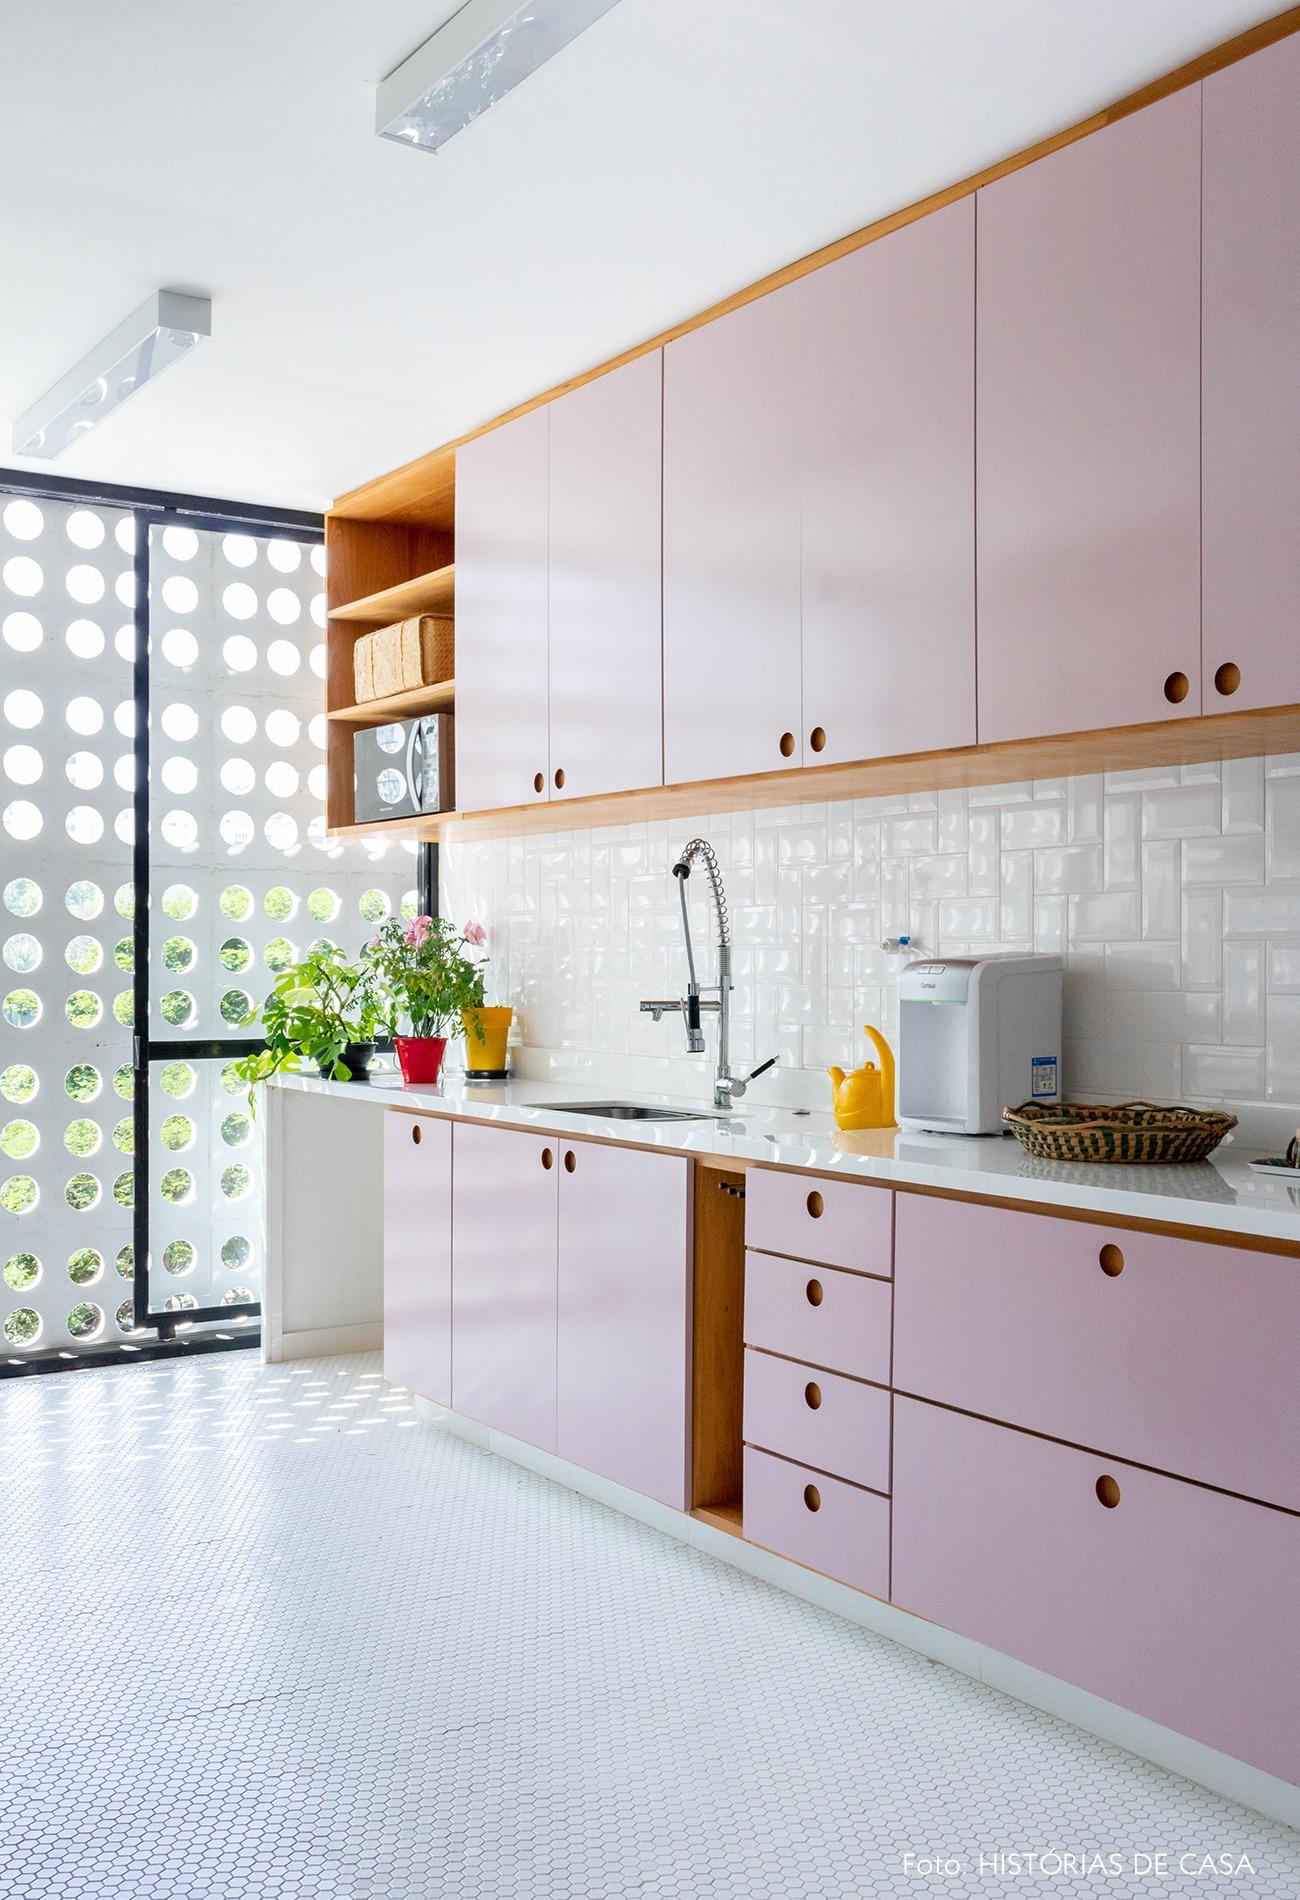 cozinha-armario-rosa-janela-grande-cobogo